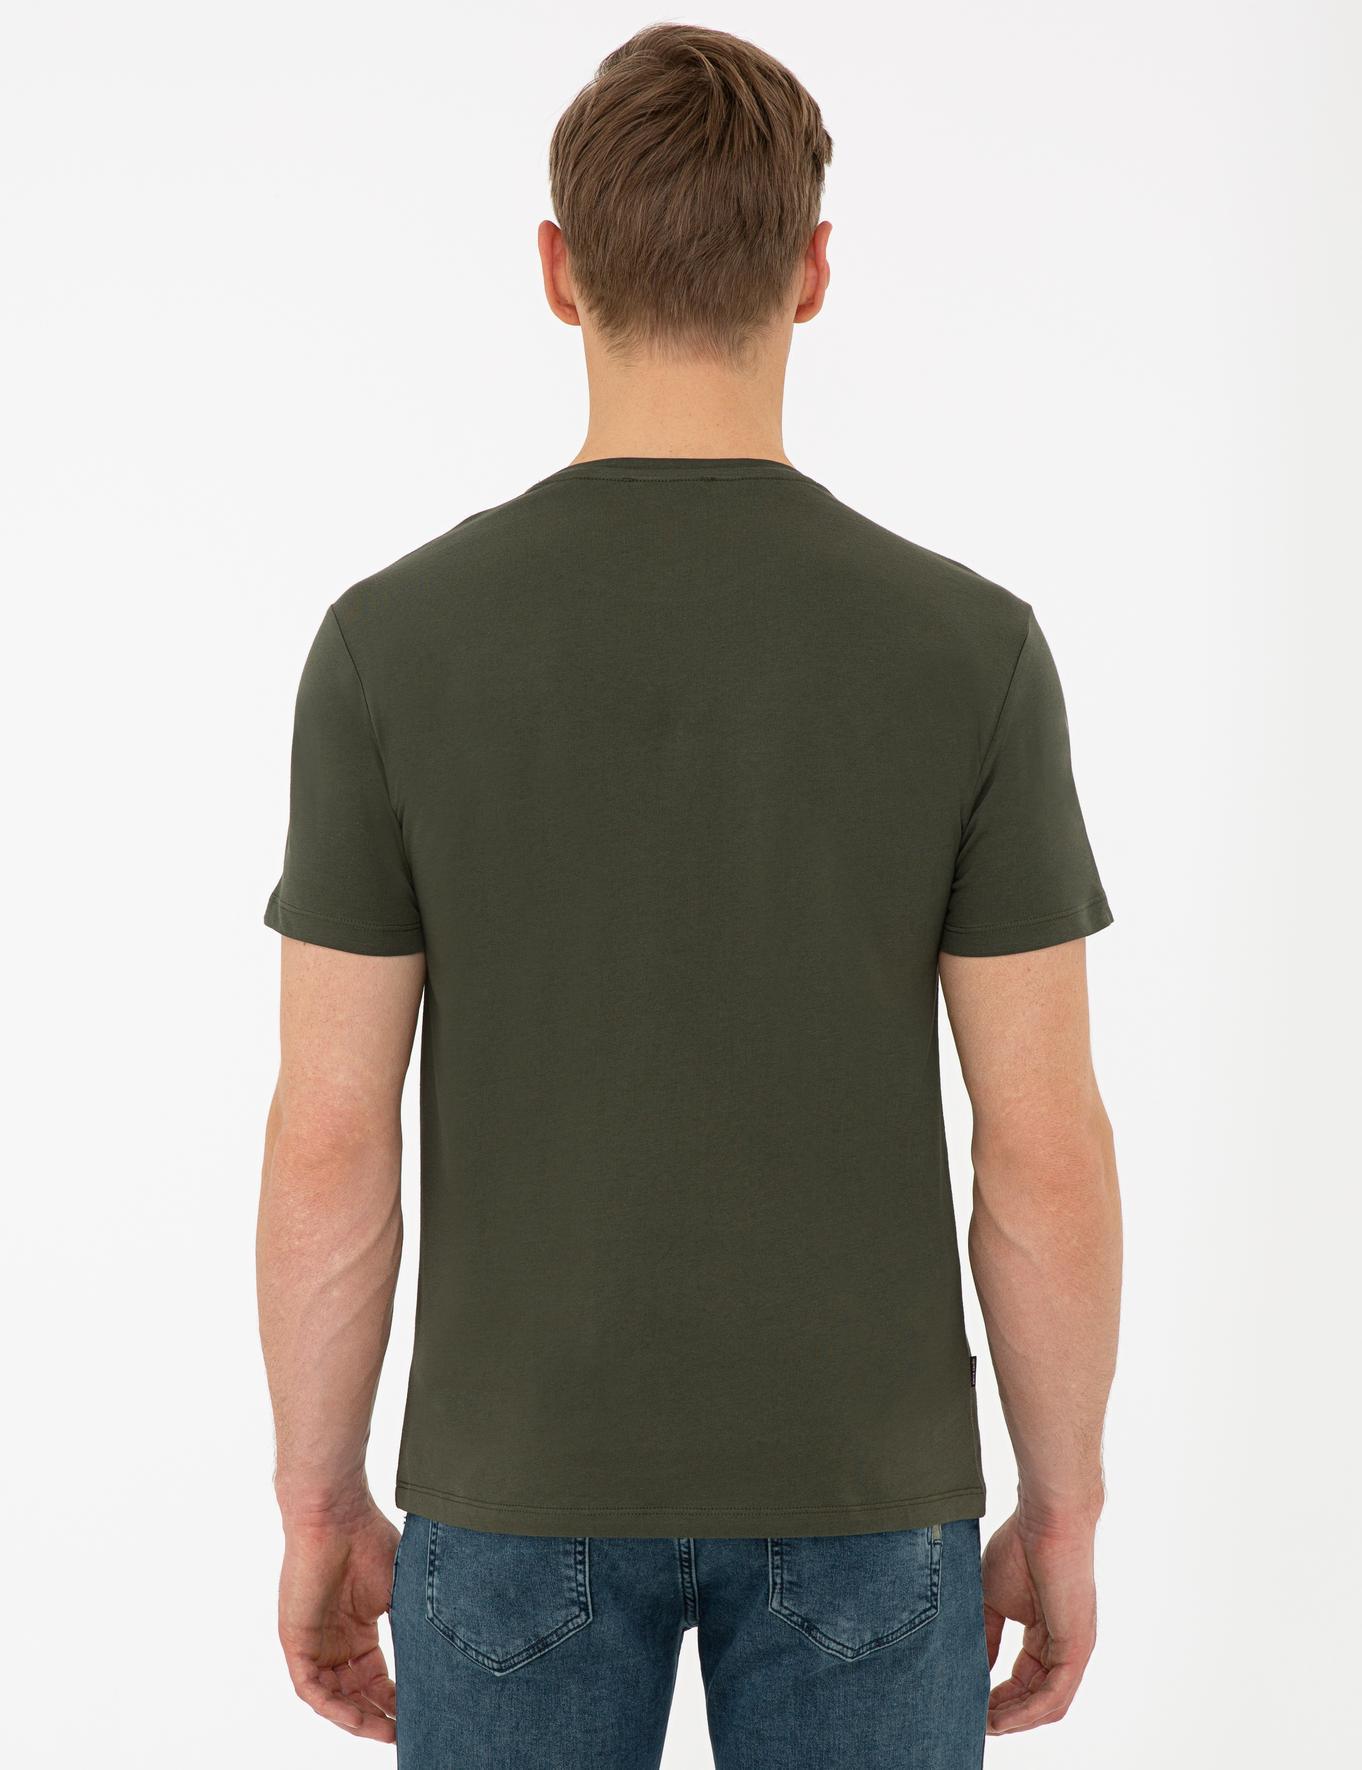 Haki Slim Fit Bisiklet Yaka T-Shirt